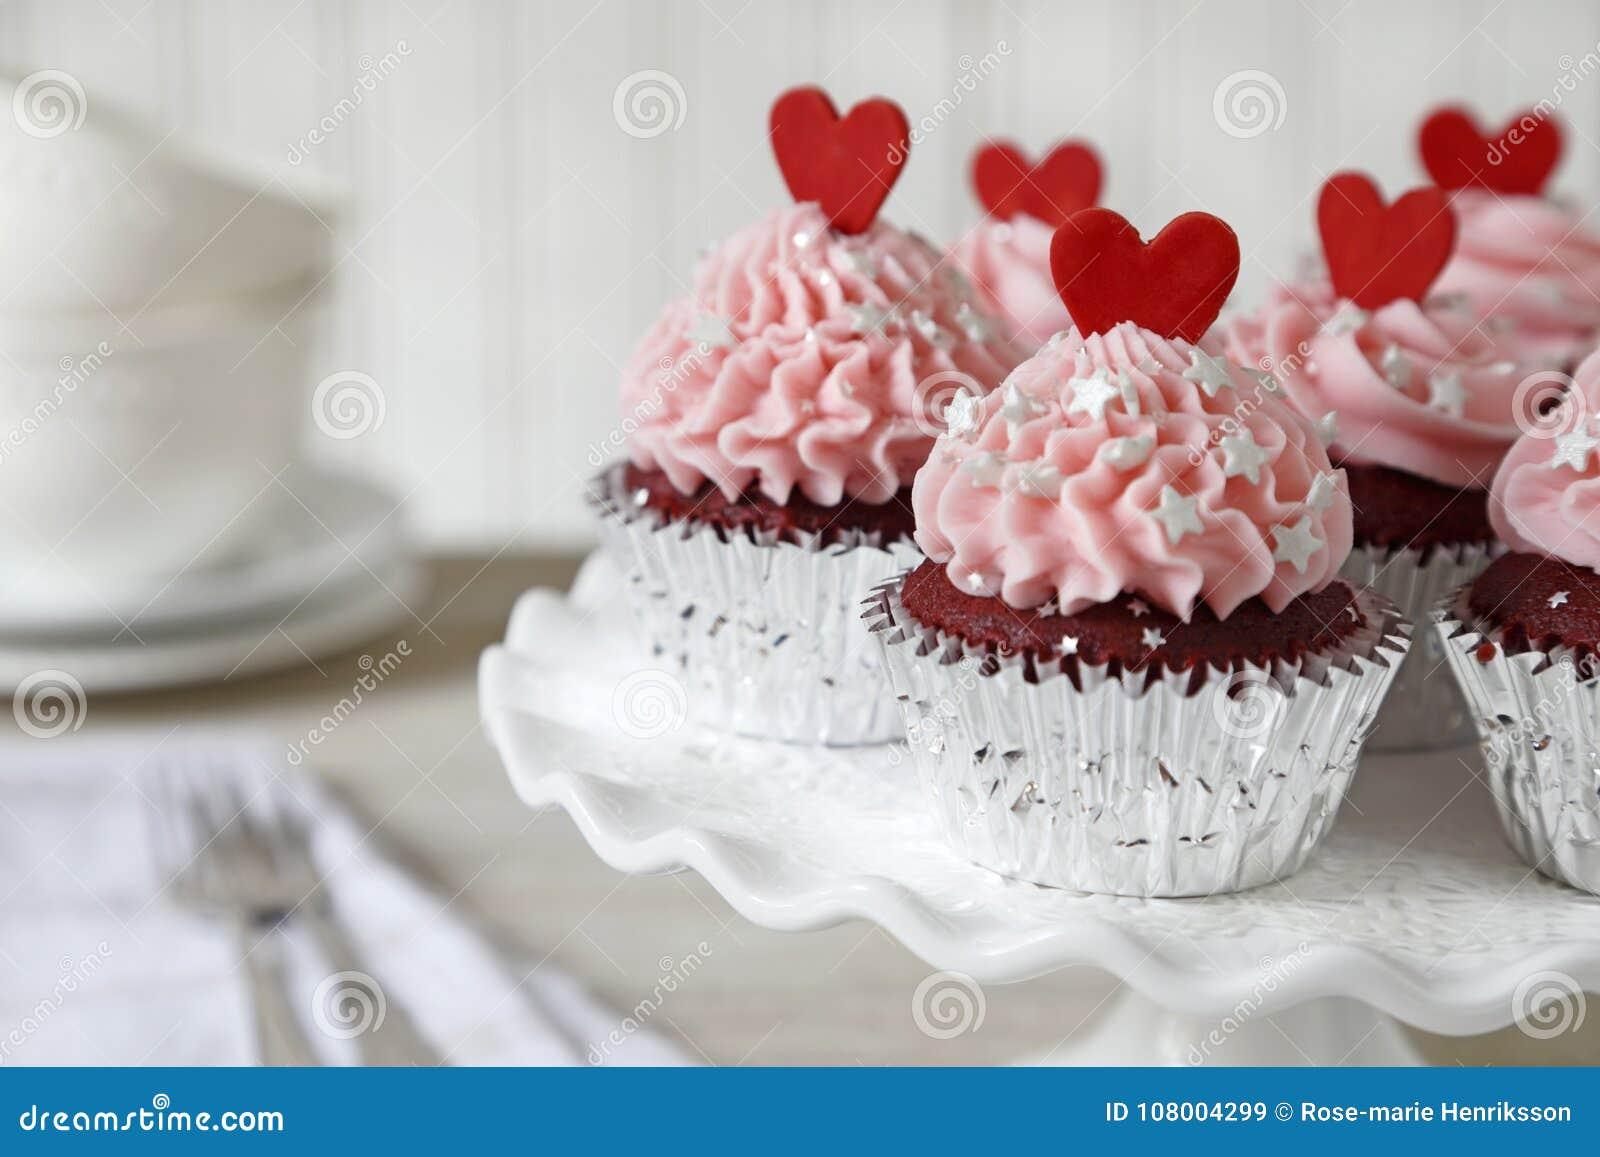 Petits gâteaux rouges de velours avec les coeurs rouges